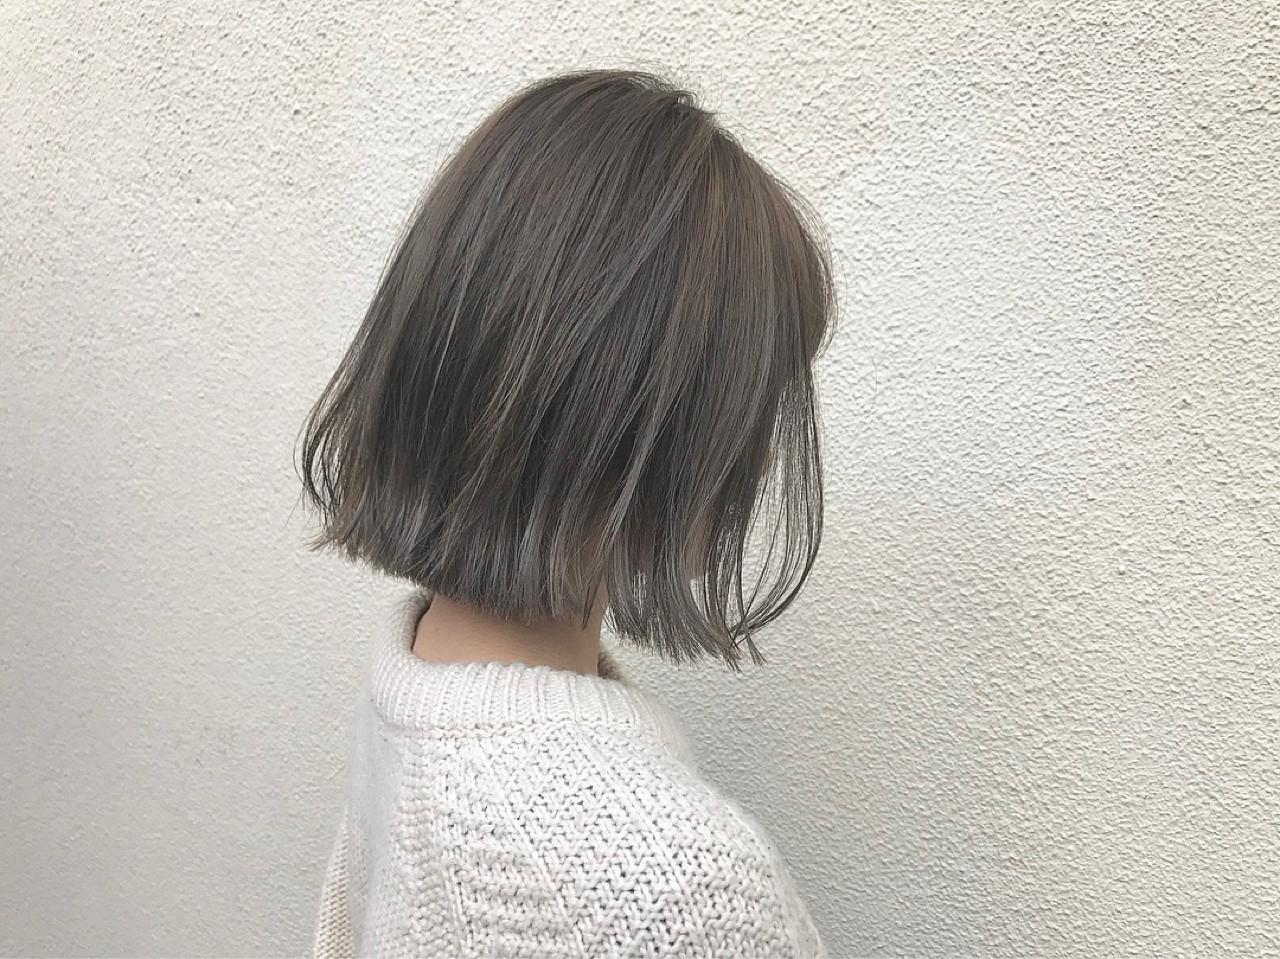 外国人風 ボブ 透明感 ナチュラル ヘアスタイルや髪型の写真・画像